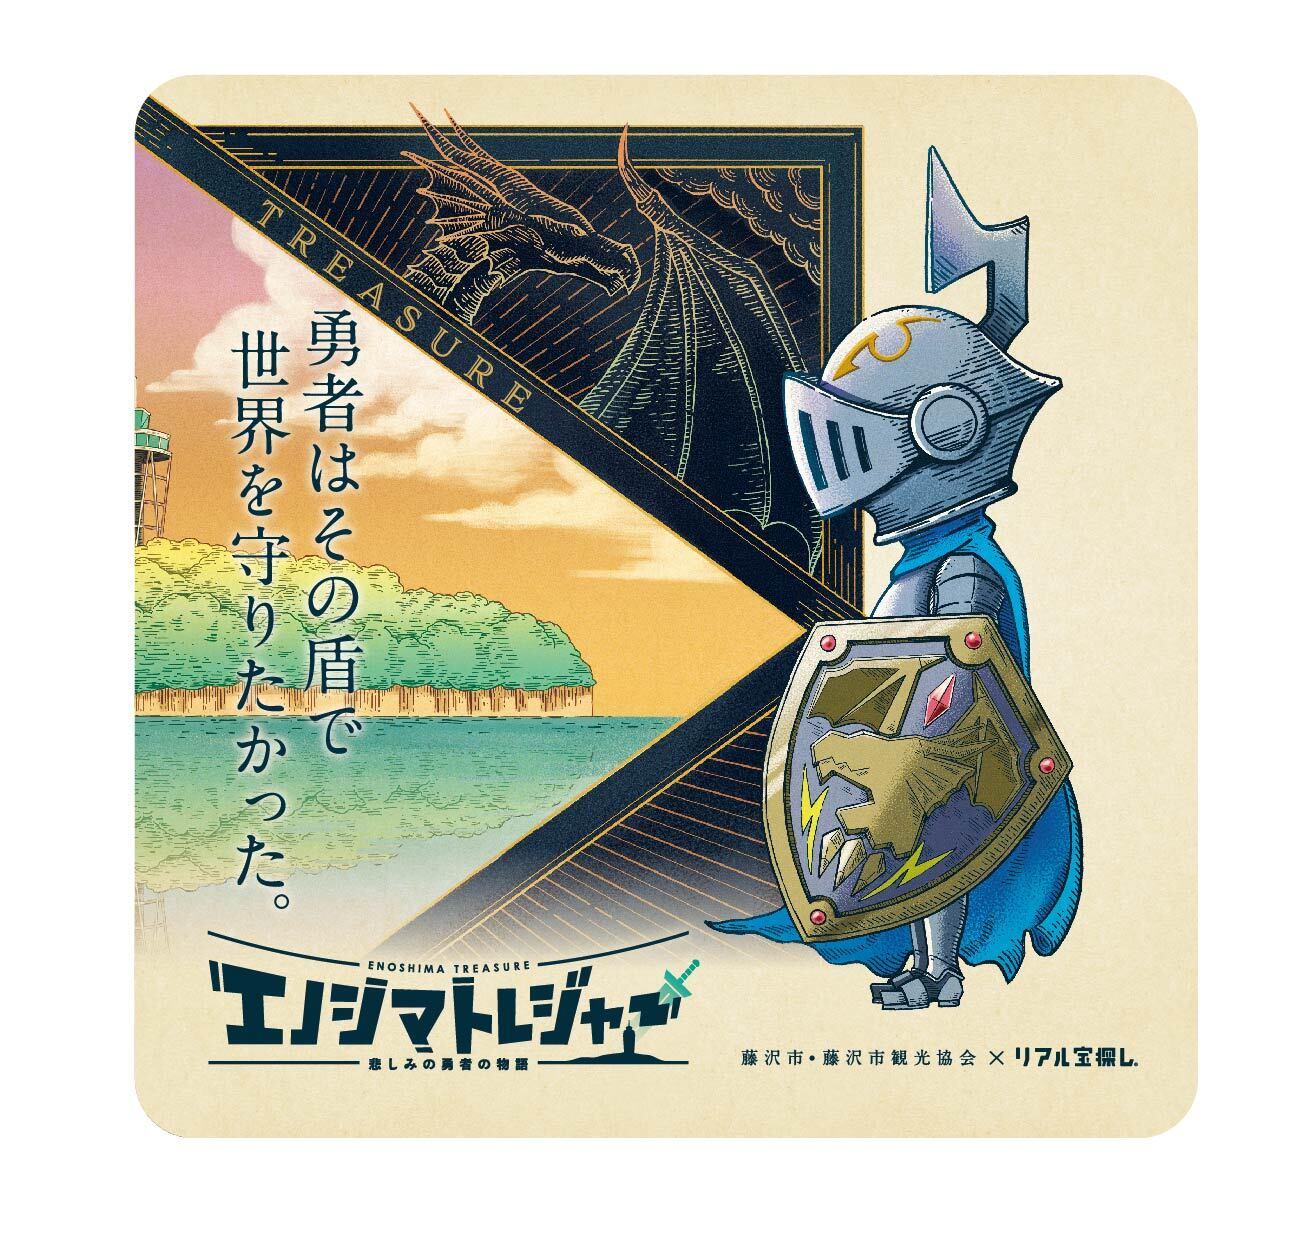 エノシマトレジャー第二章 片瀬・江の島完結編 ティザーサイト公開